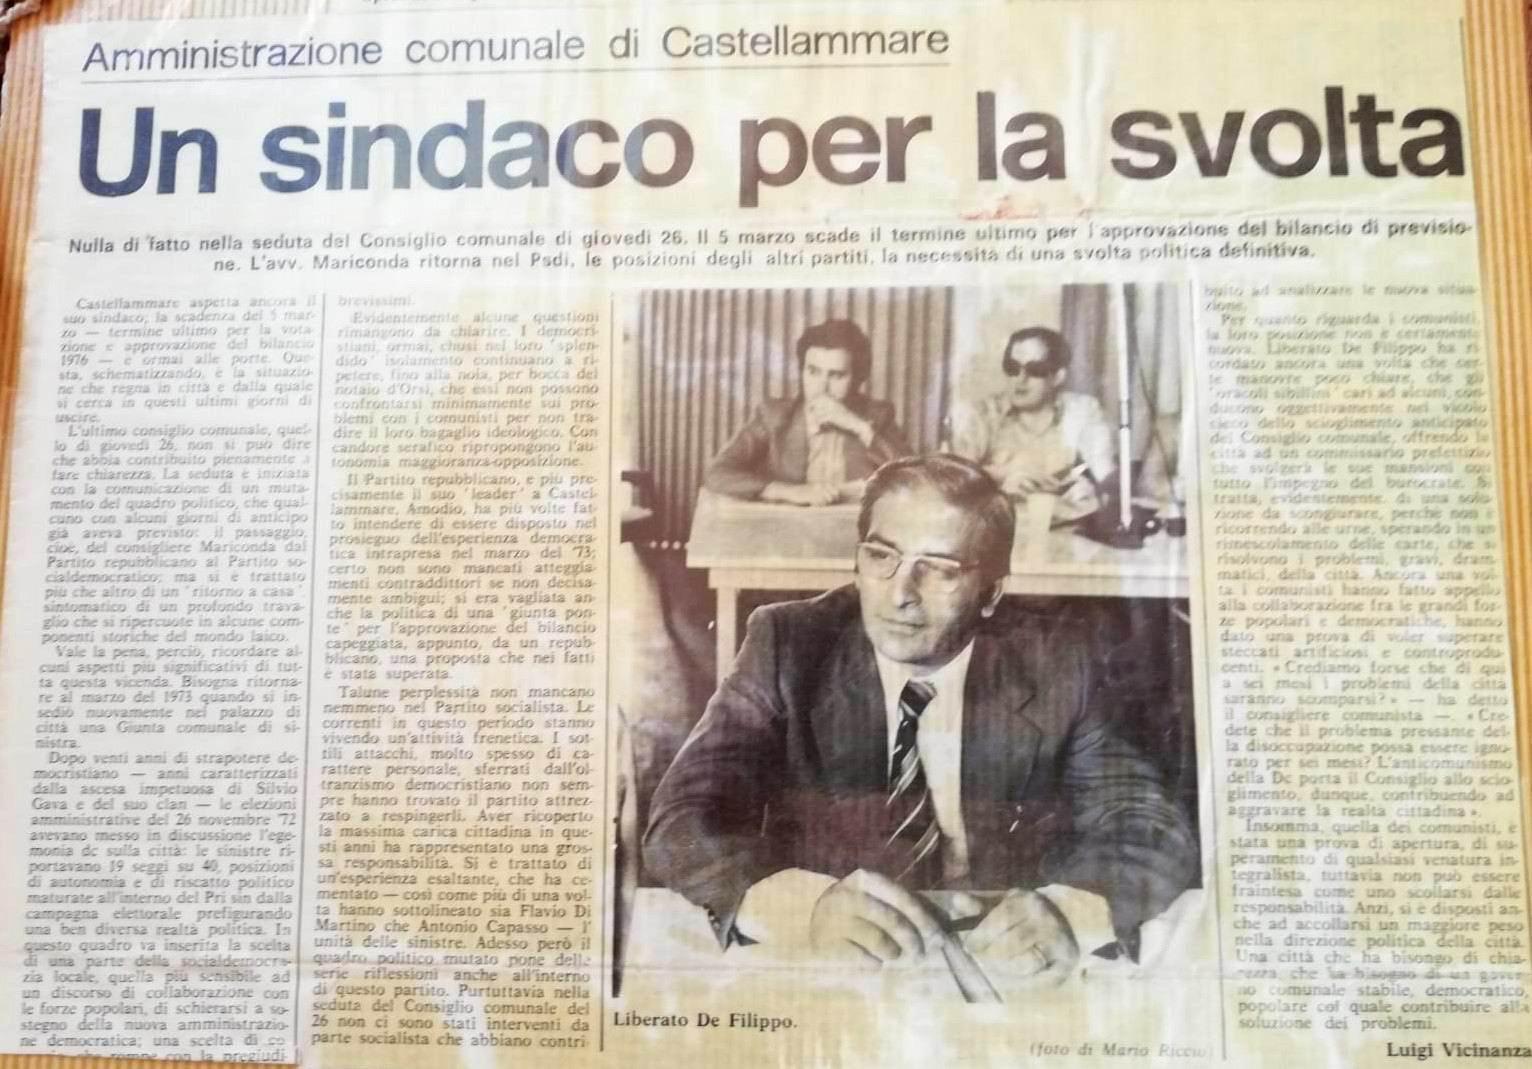 Liberato De Filippo - 26 - 02 - 1977